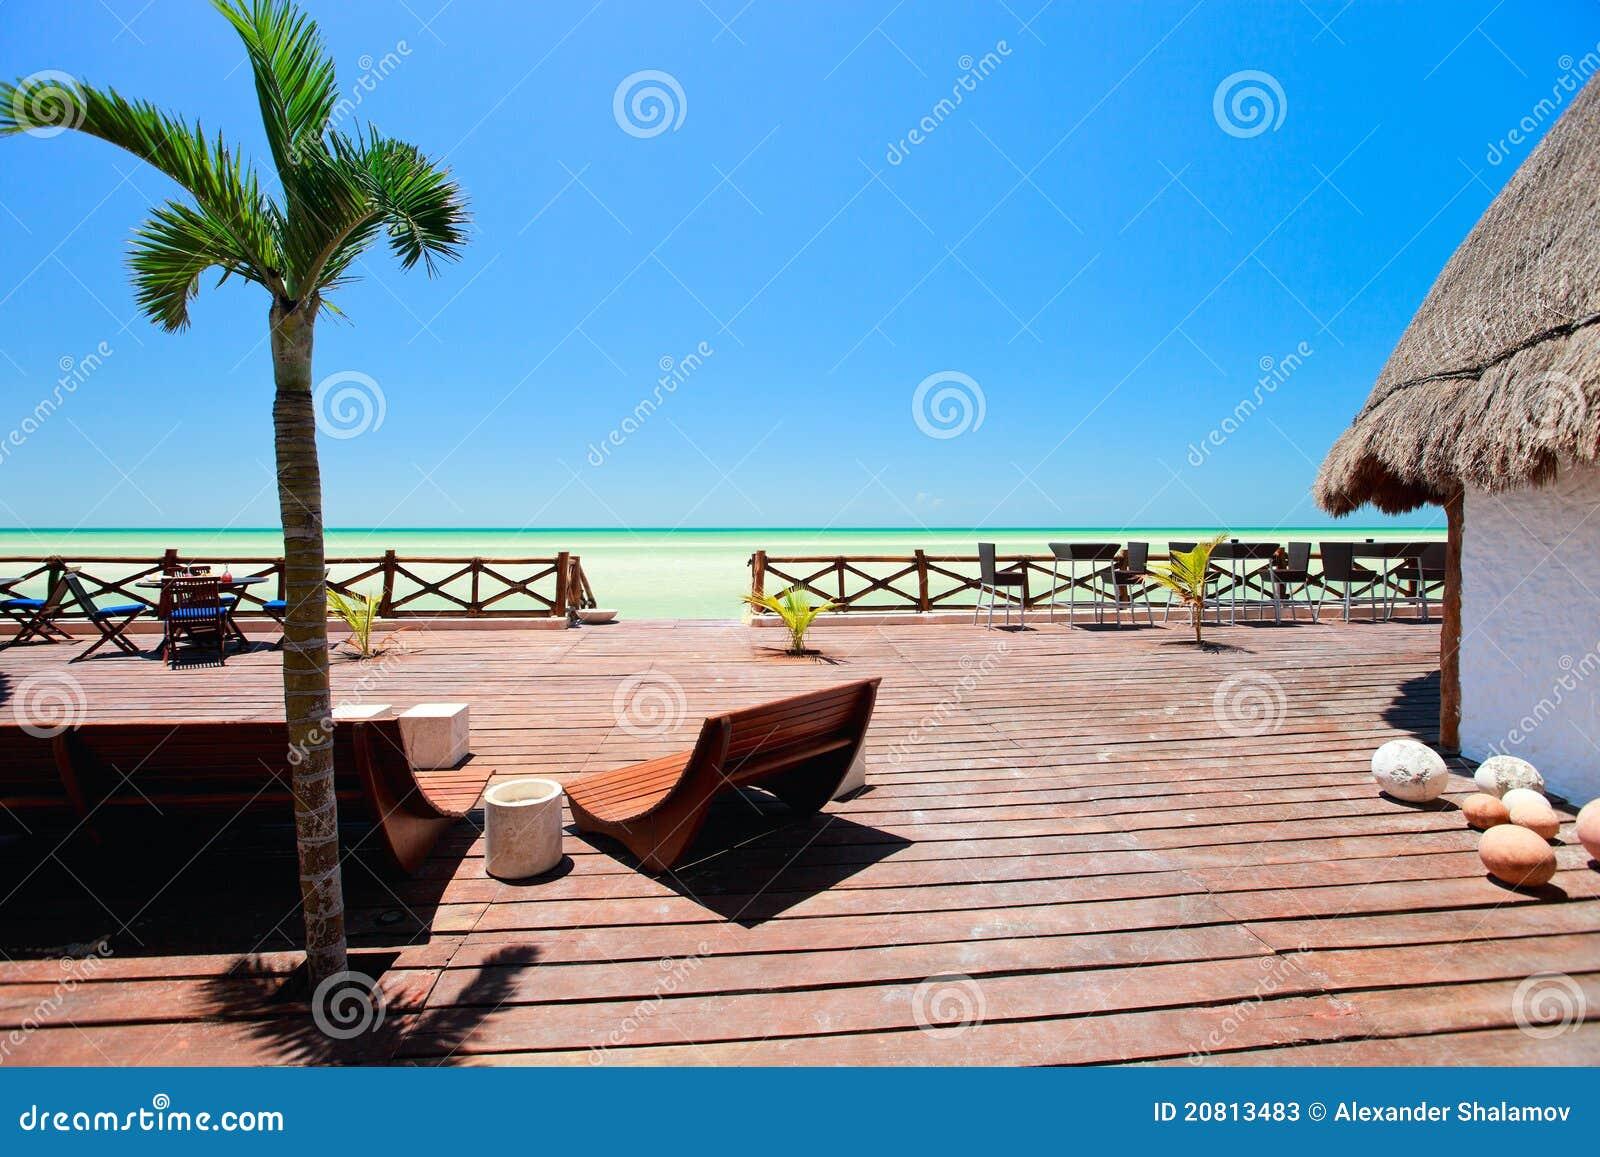 Terraza De Madera De La Playa Imagen De Archivo Imagen De